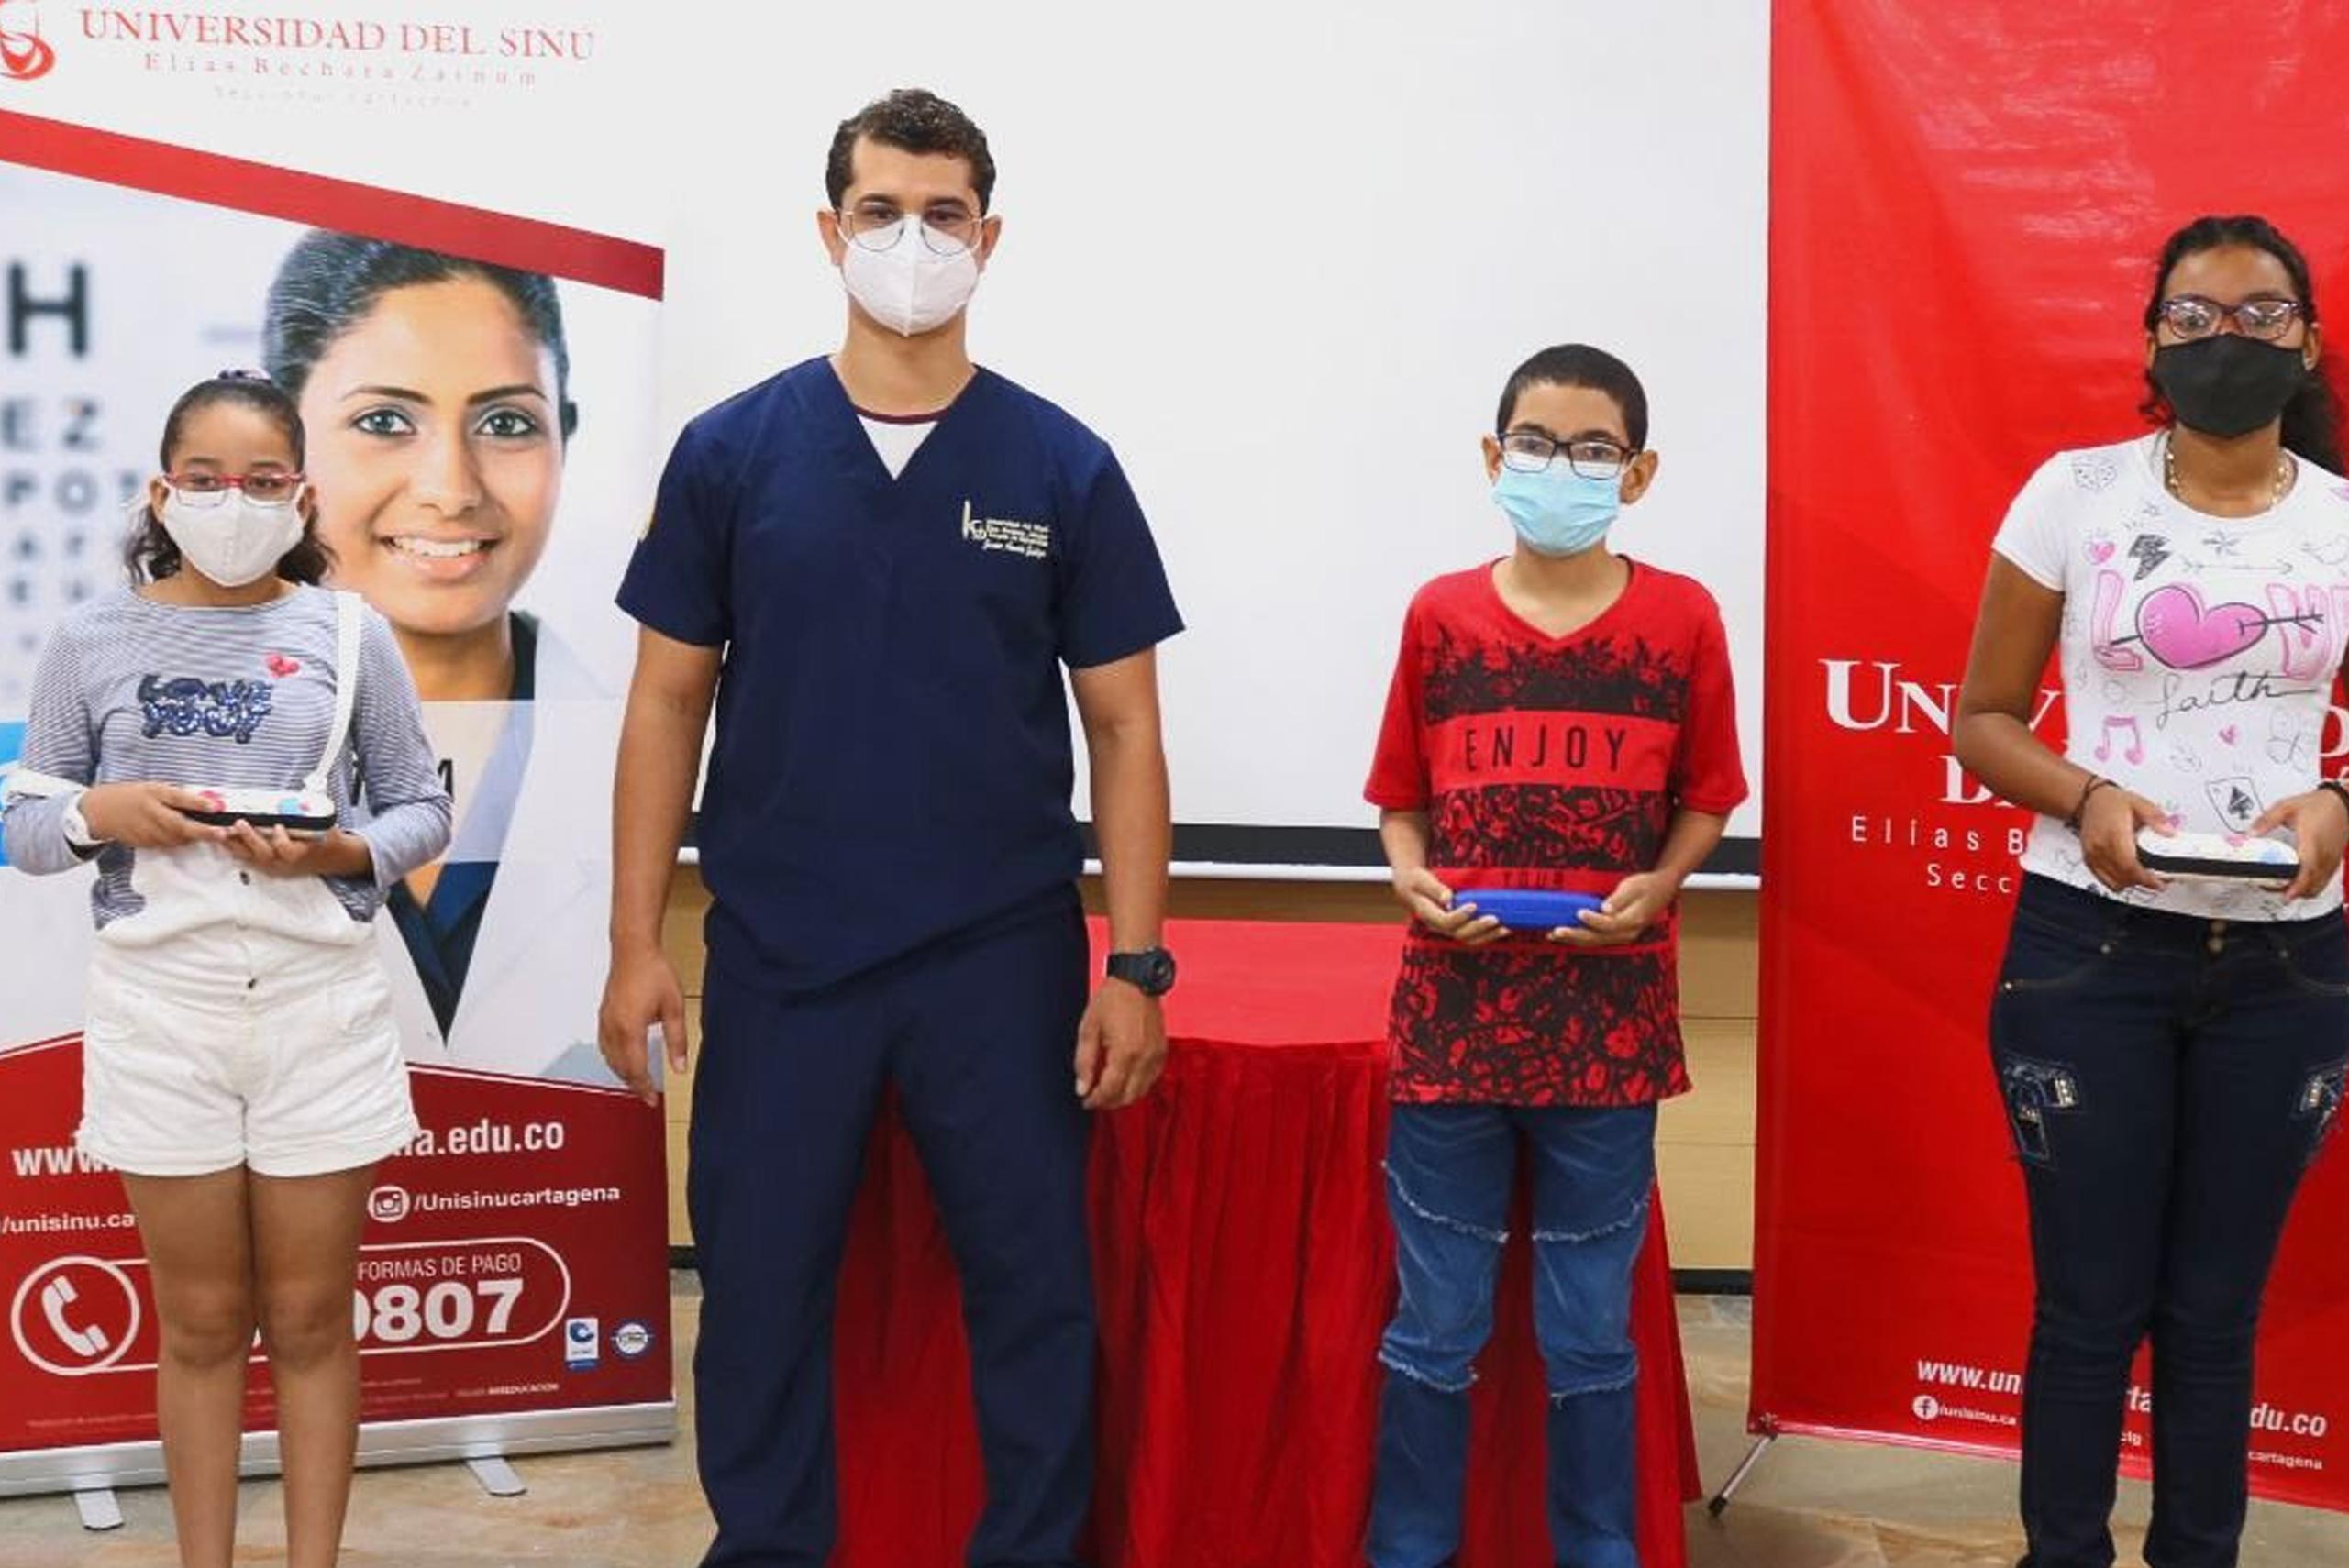 Unisinú hace entrega de lentes a niños de la ciudad